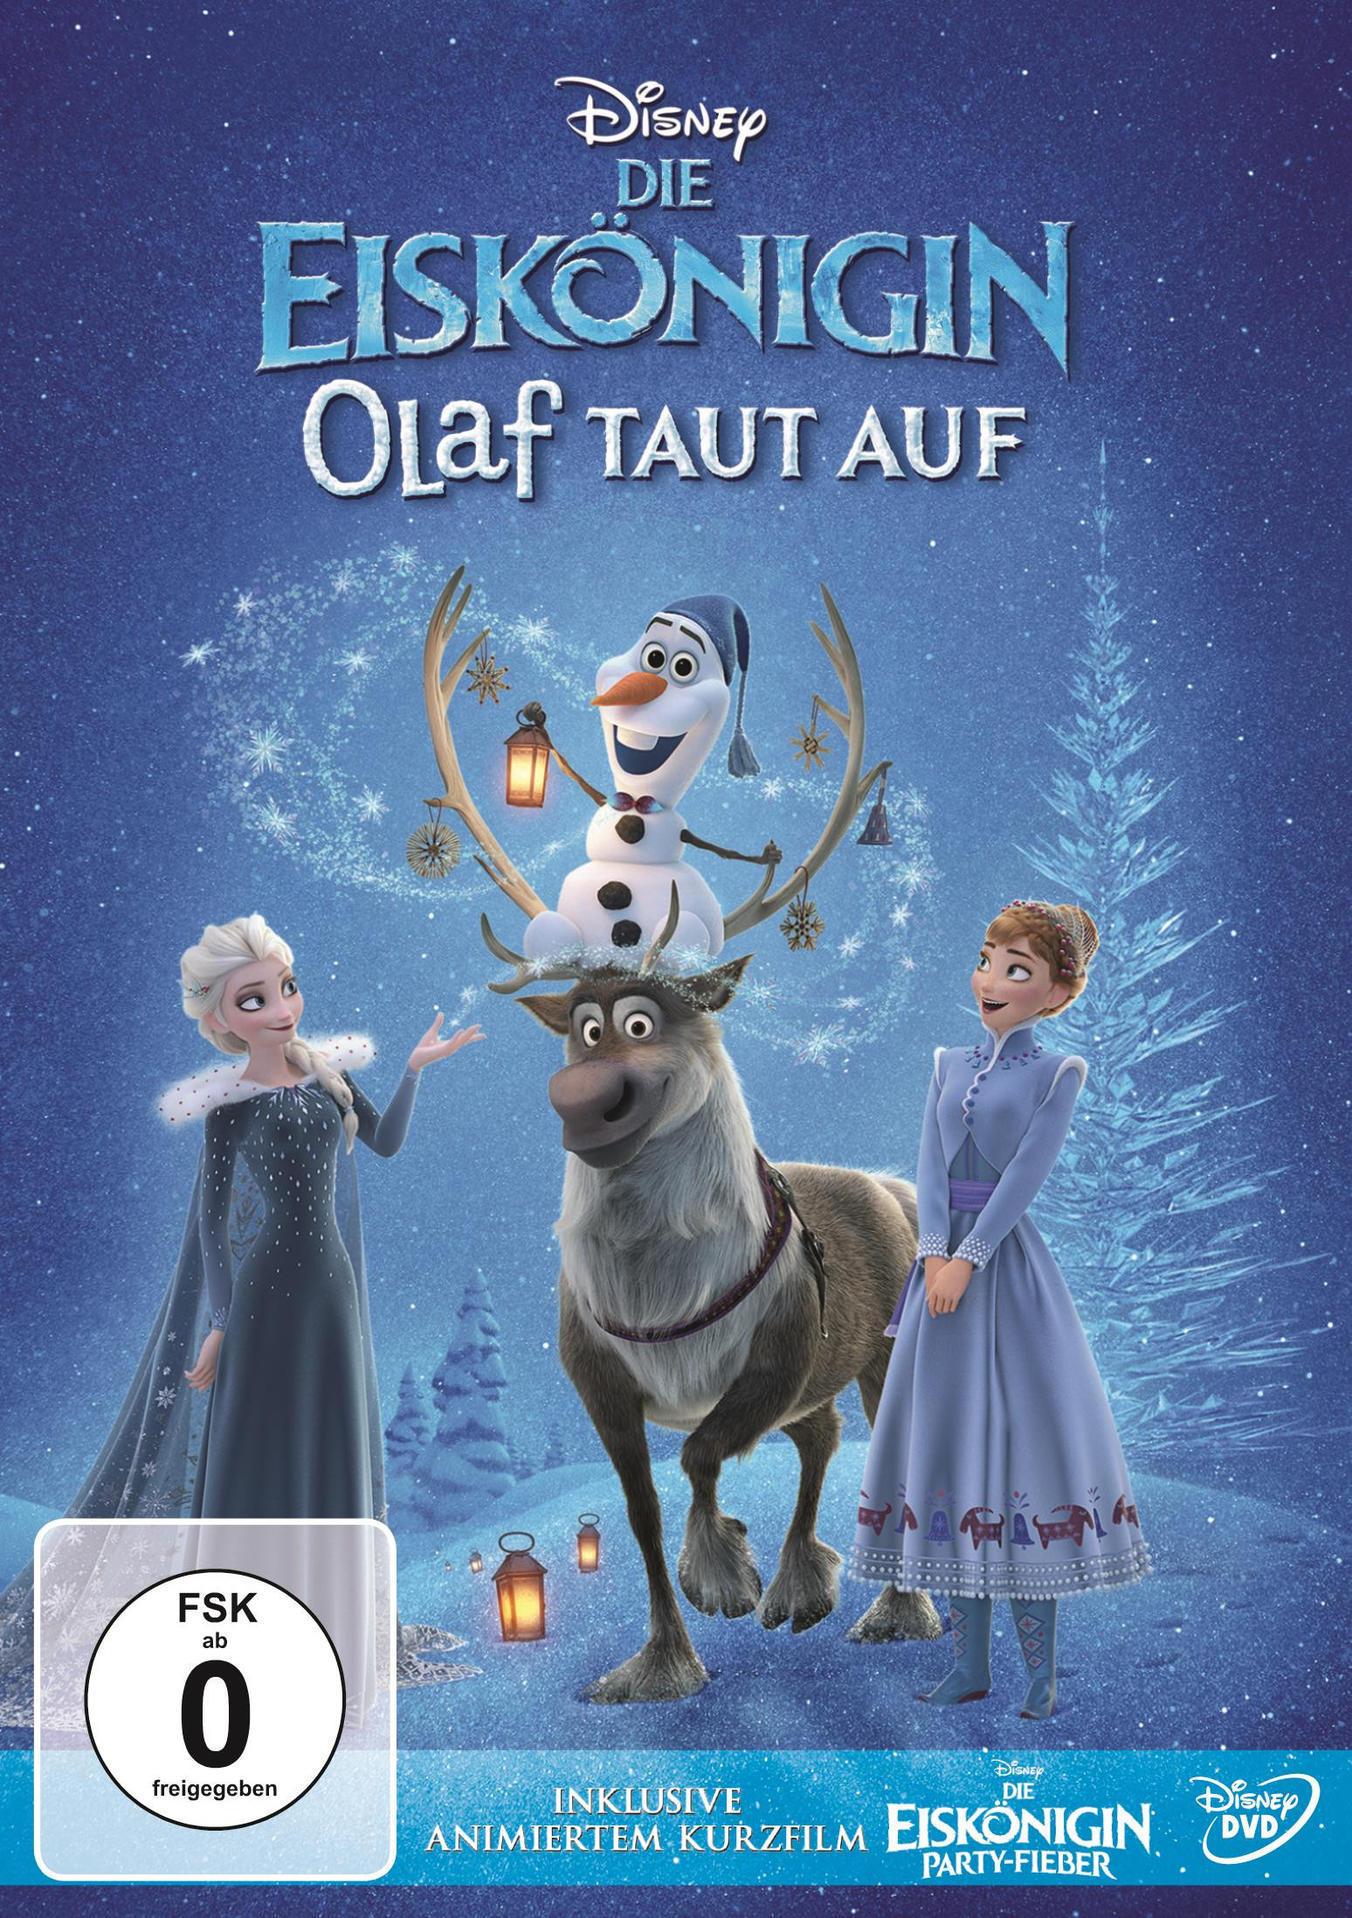 Olaf waffeleisen